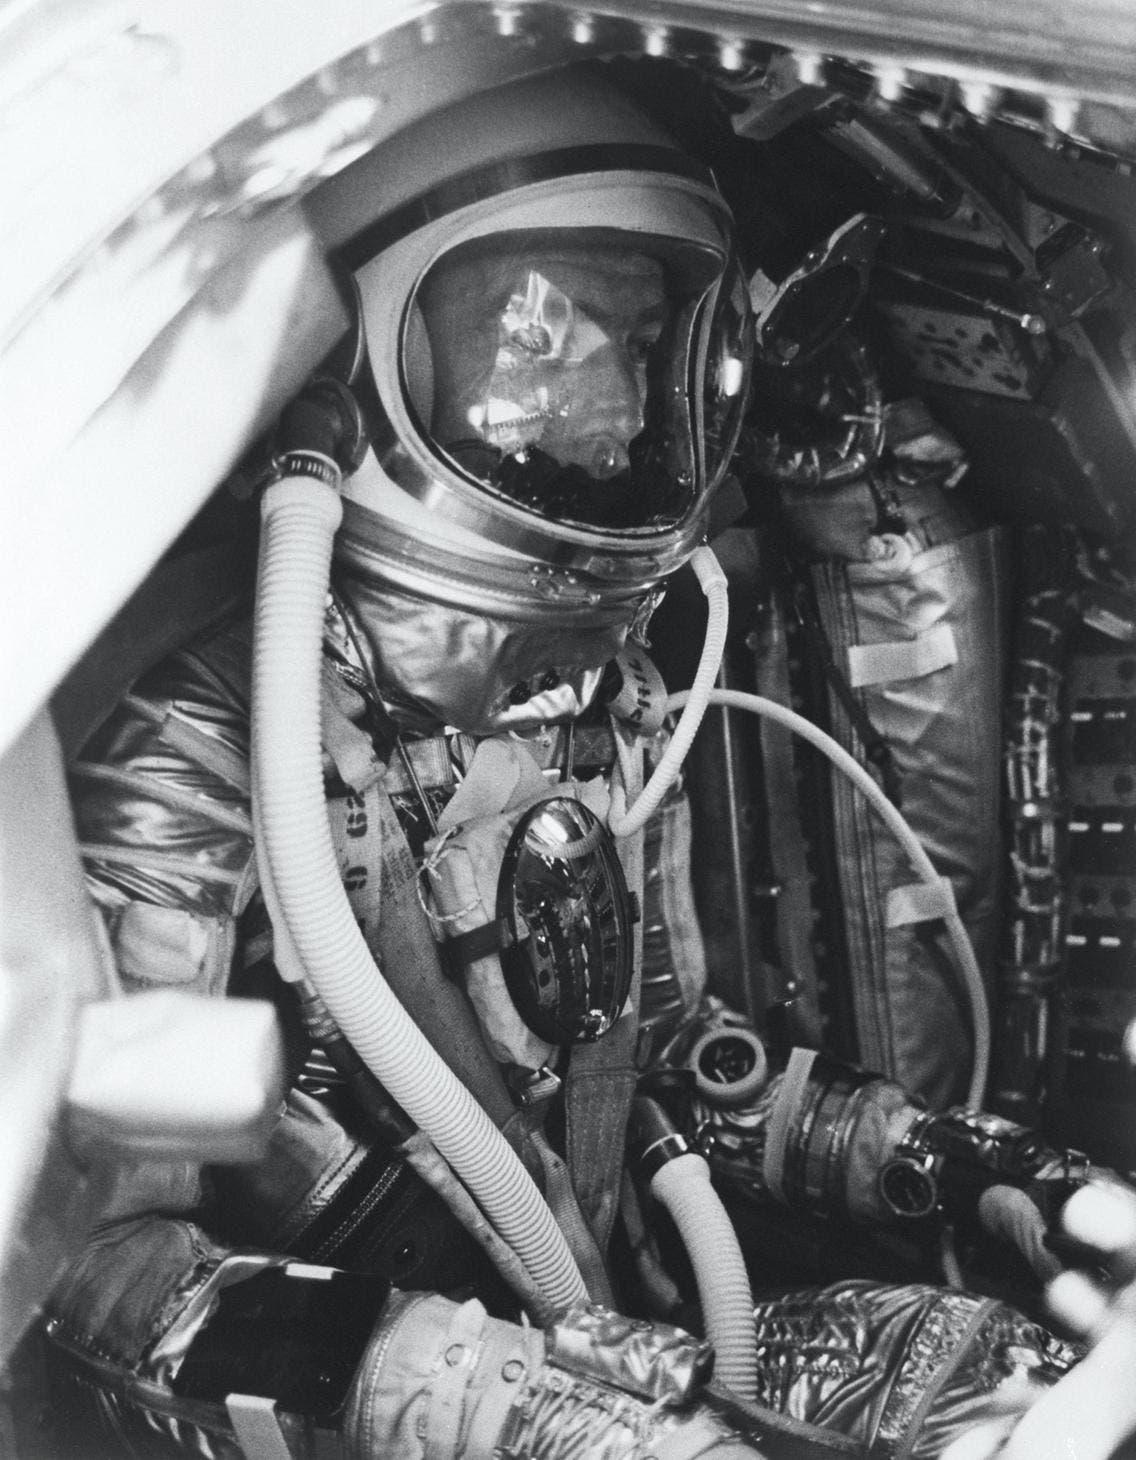 رائد الفضاء سكوت كاربنتر في مركبة أورورا7خلال العام 1962 وهو يرتدي ساعة بريتلينغ نايفي تايمر